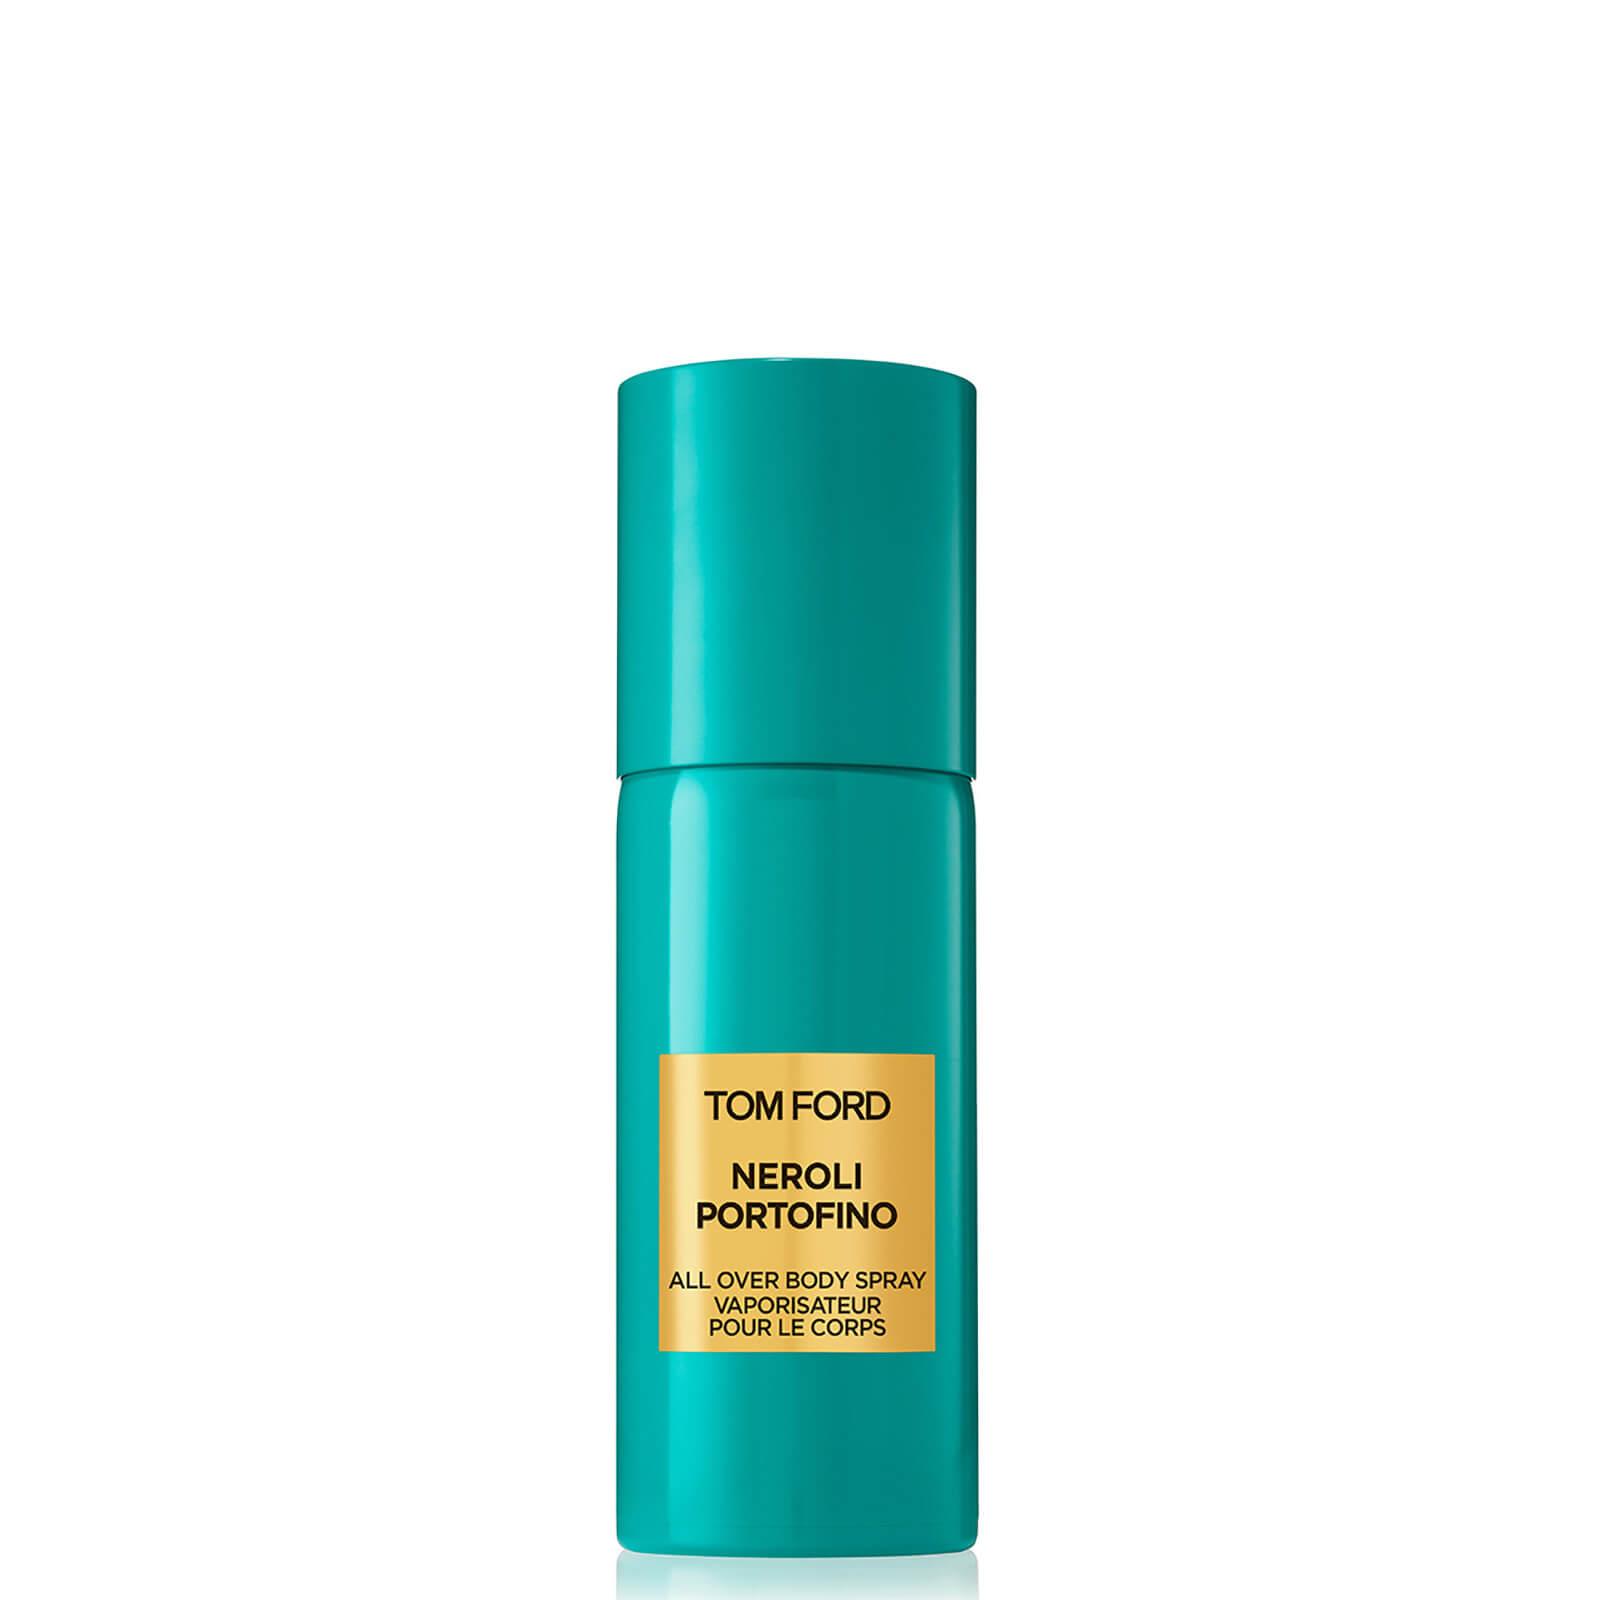 Tom Ford Neroli Portofino All Over Body Spray - 150ml